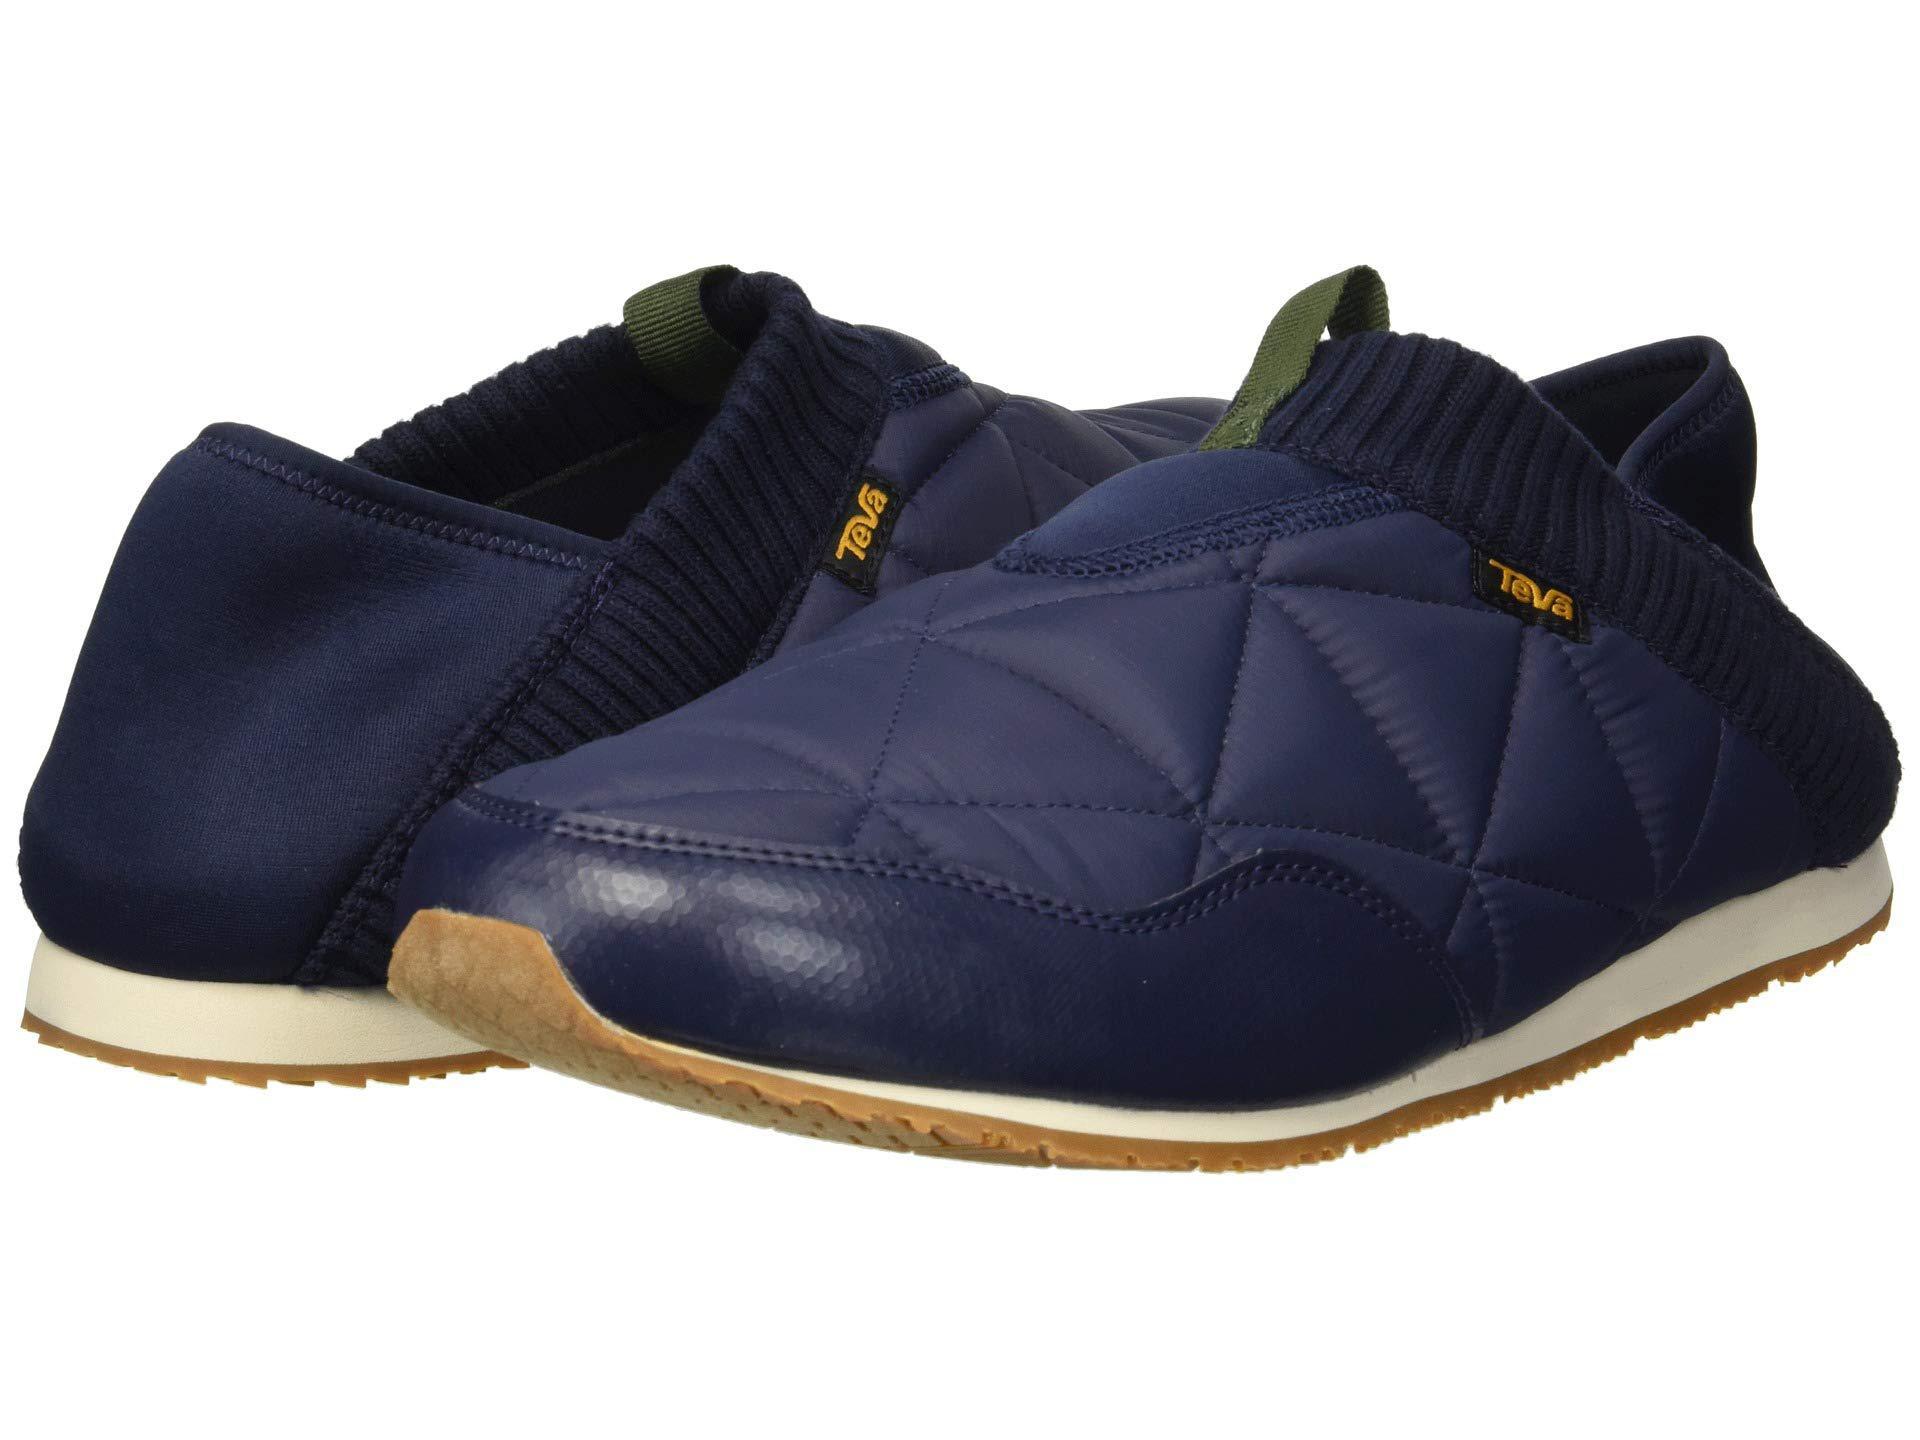 46298b3674e15 Teva - Blue M Ember Moc Slipper for Men - Lyst. View fullscreen